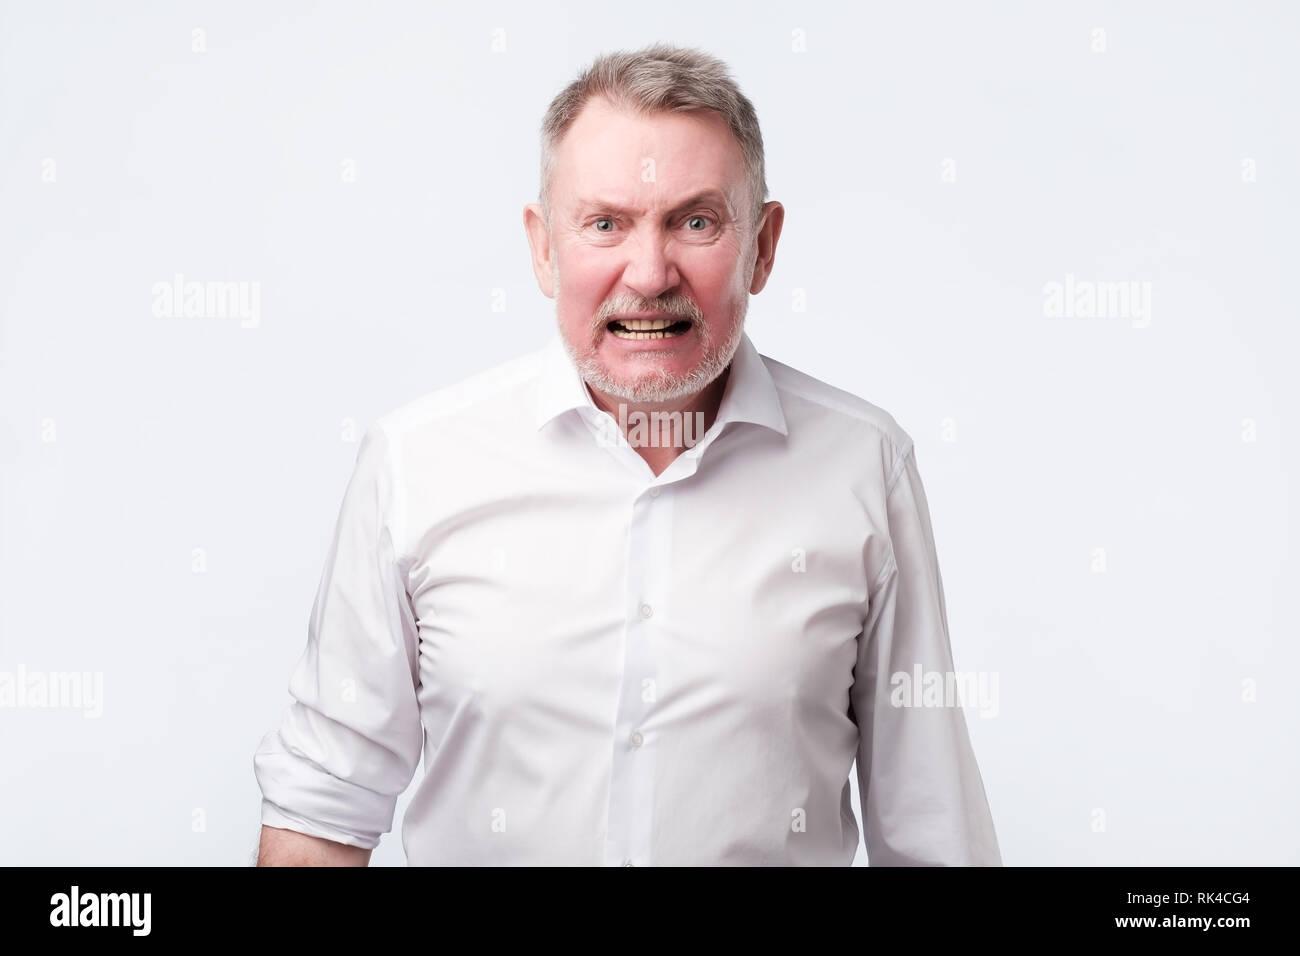 Screaming senior man in white shirt. Negative facial emotion - Stock Image